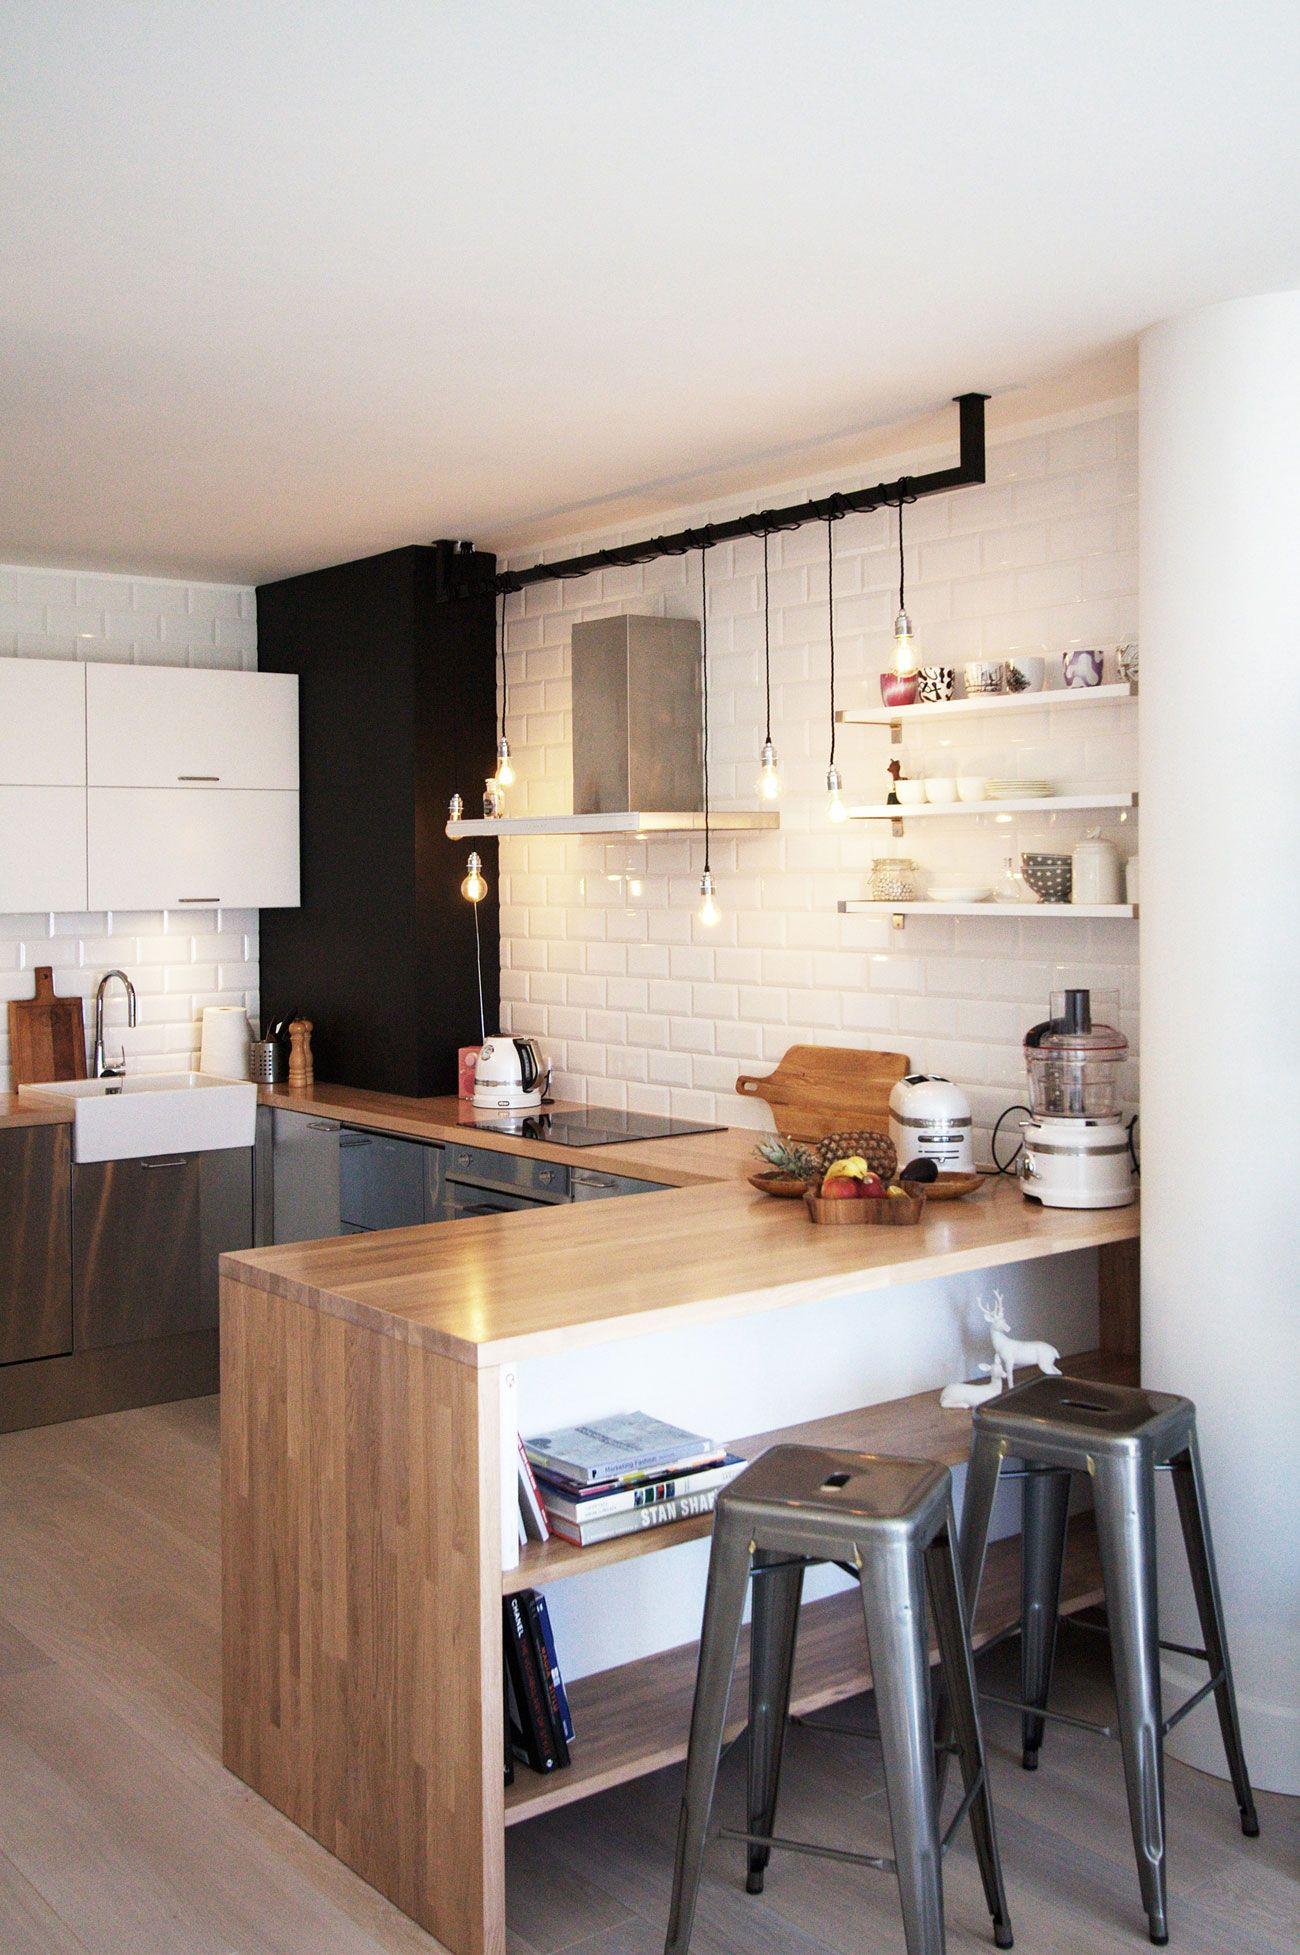 Iluminación | Baños y cocina | Pinterest | Iluminación, Cocinas y ...